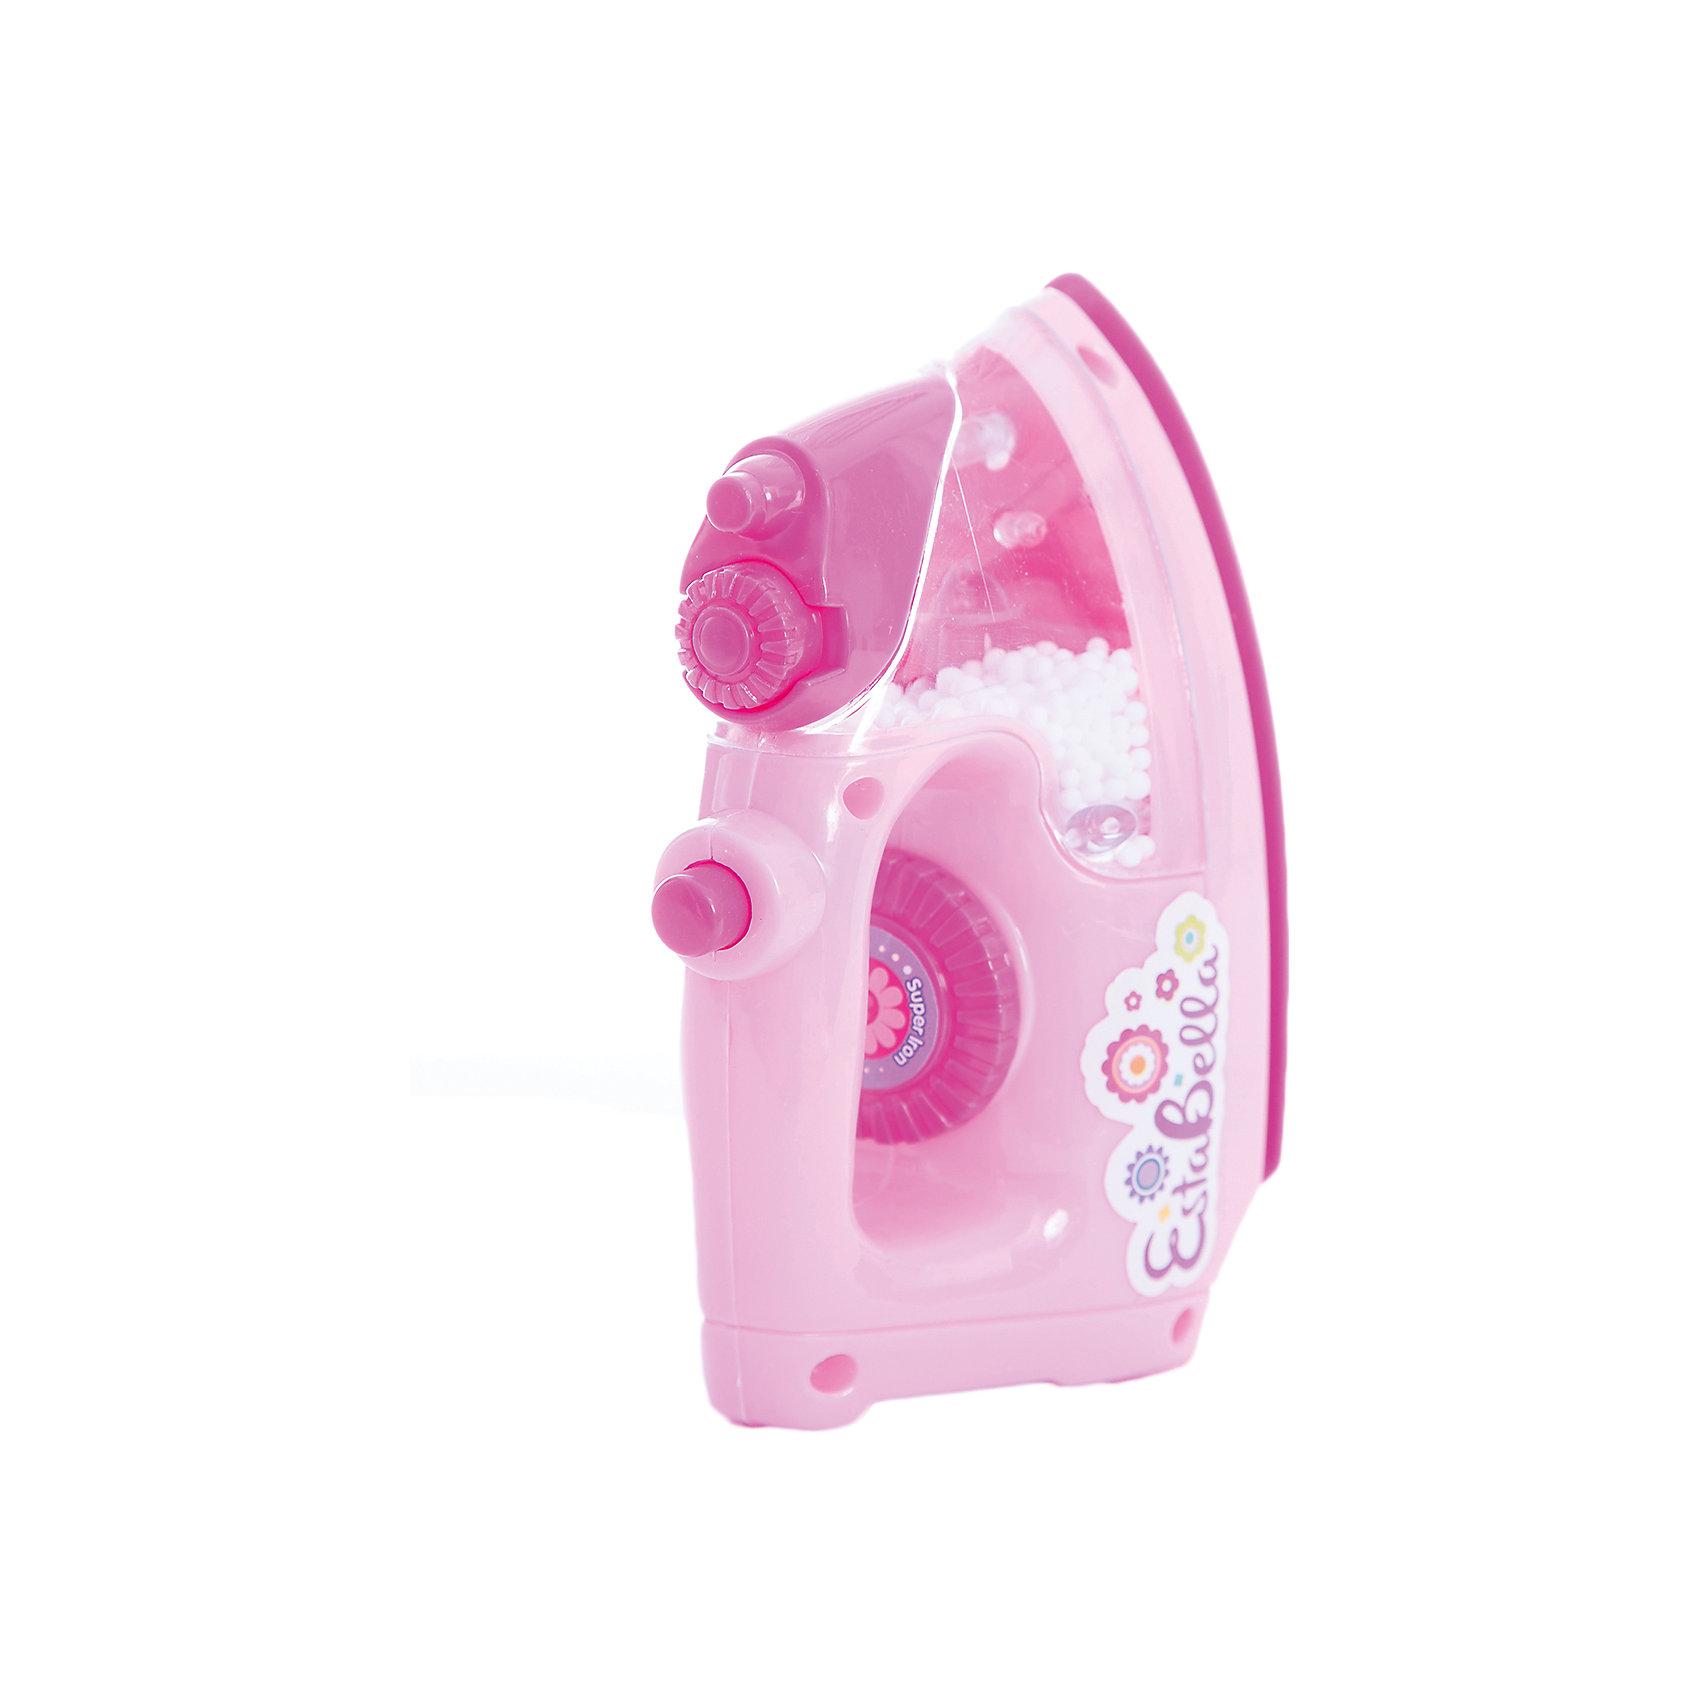 Игрушка Утюг, EstaBellaИгрушечная бытовая техника<br>Игрушка Утюг, EstaBella (Эстабелла).<br><br>Характеристики:<br><br>• световые и звуковые эффекты<br>• полностью безопасен для ребенка<br>• материал: пластик<br>• вес: 190 грамм<br>• размер упаковки: 15х9х17 см<br><br>Утюг EstaBella (Эстабелла) - копия настоящего утюга. Он имеет несколько кнопок и удобную ручку. Световые и звуковые эффекты сделают игру еще более интереснее! После этой игрушки девочка с радостью будет помогать маме гладить.<br><br>Вы можете купить игрушку Утюг, EstaBella (Эстабелла) в нашем интернет-магазине.<br><br>Ширина мм: 170<br>Глубина мм: 90<br>Высота мм: 150<br>Вес г: 190<br>Возраст от месяцев: 36<br>Возраст до месяцев: 120<br>Пол: Женский<br>Возраст: Детский<br>SKU: 5017654